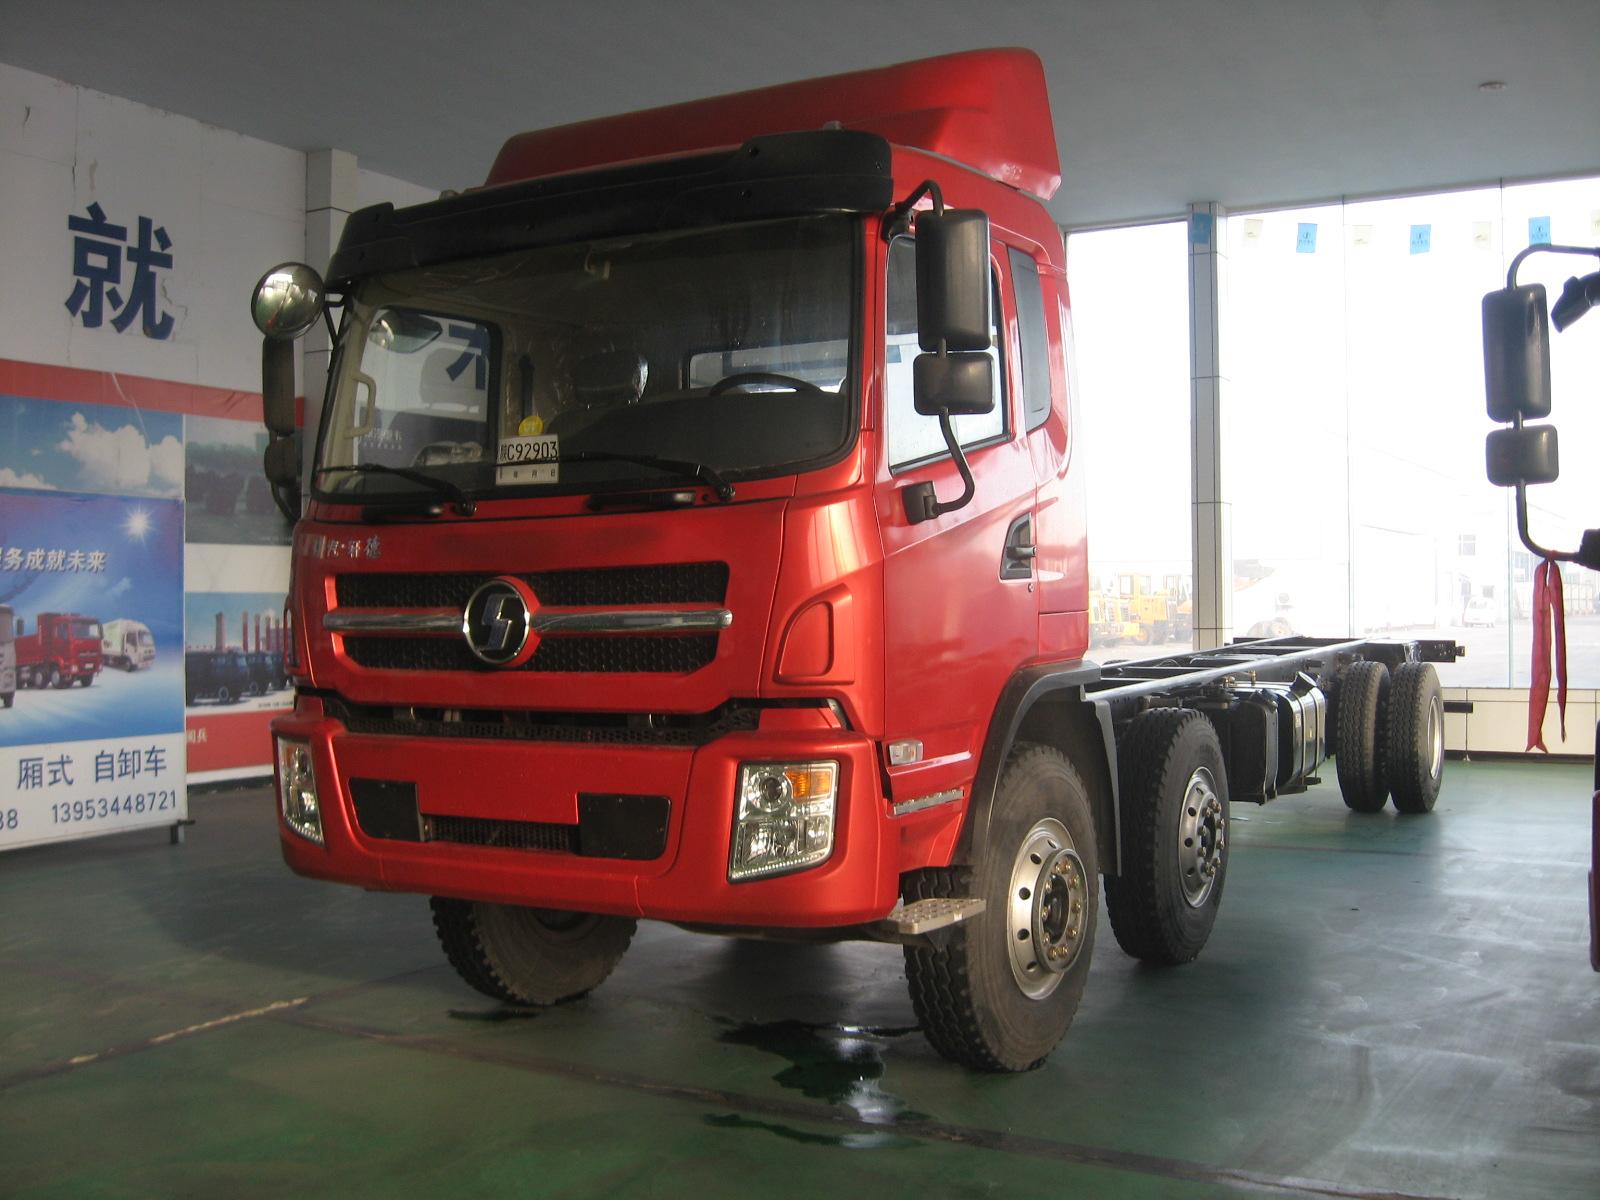 新到轻卡陕汽轩德6系载货车九米六高栏平板厢式货车图片